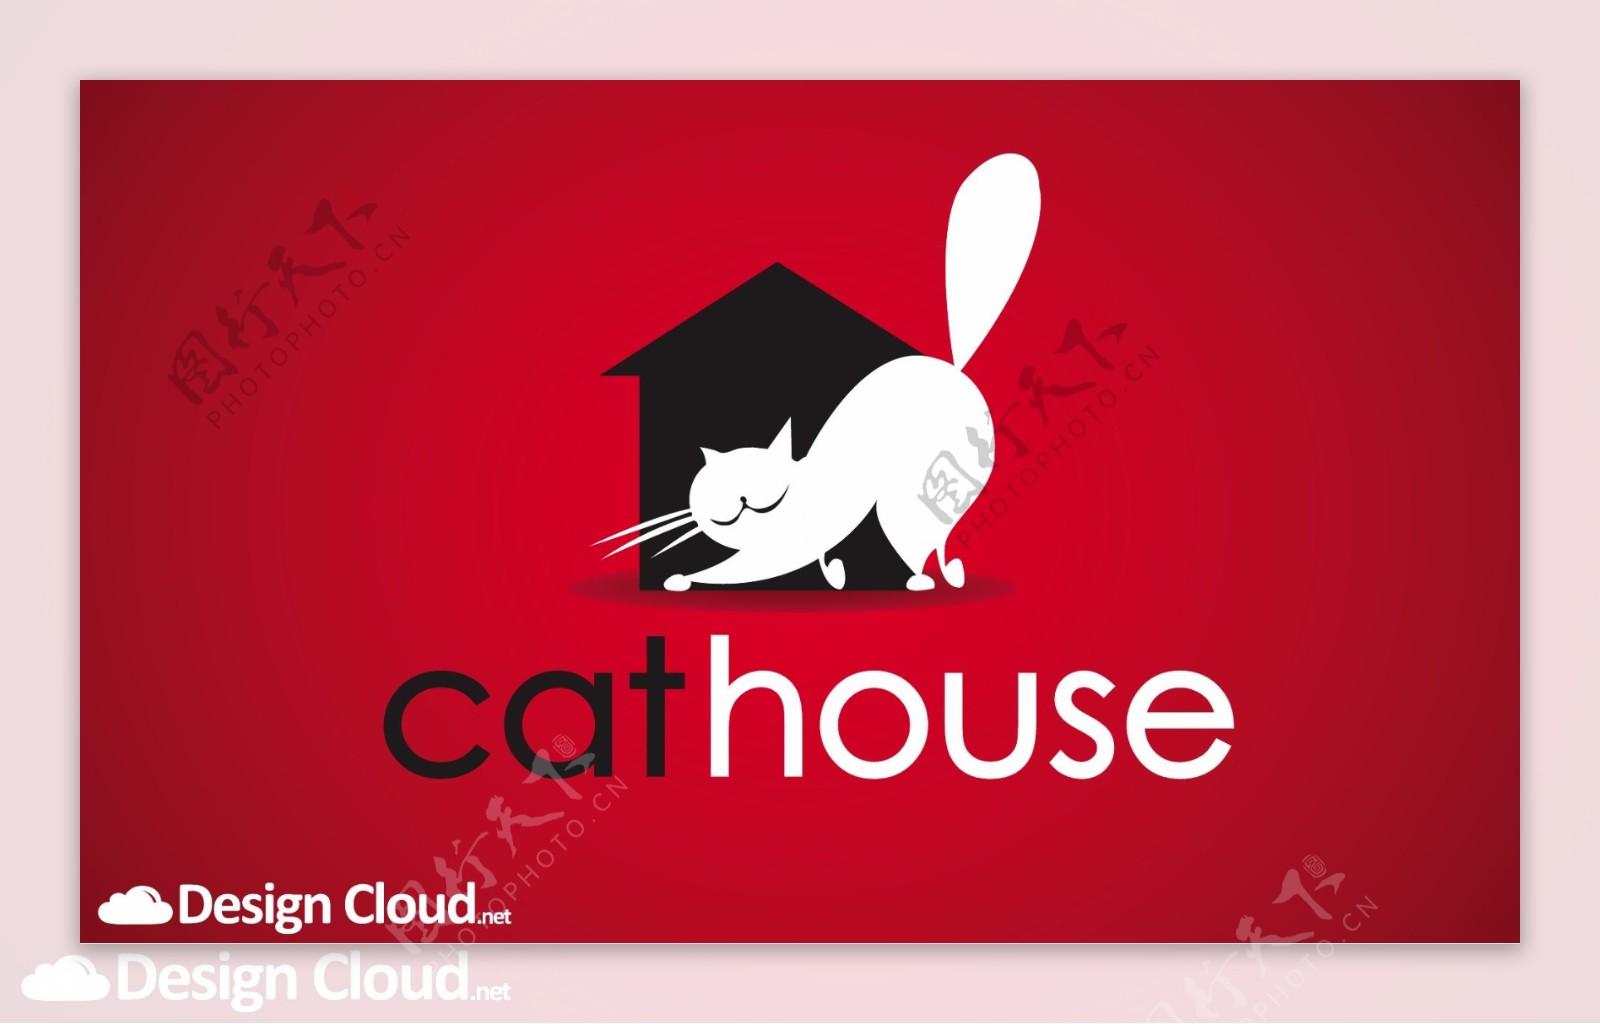 酷猫家猫的标志